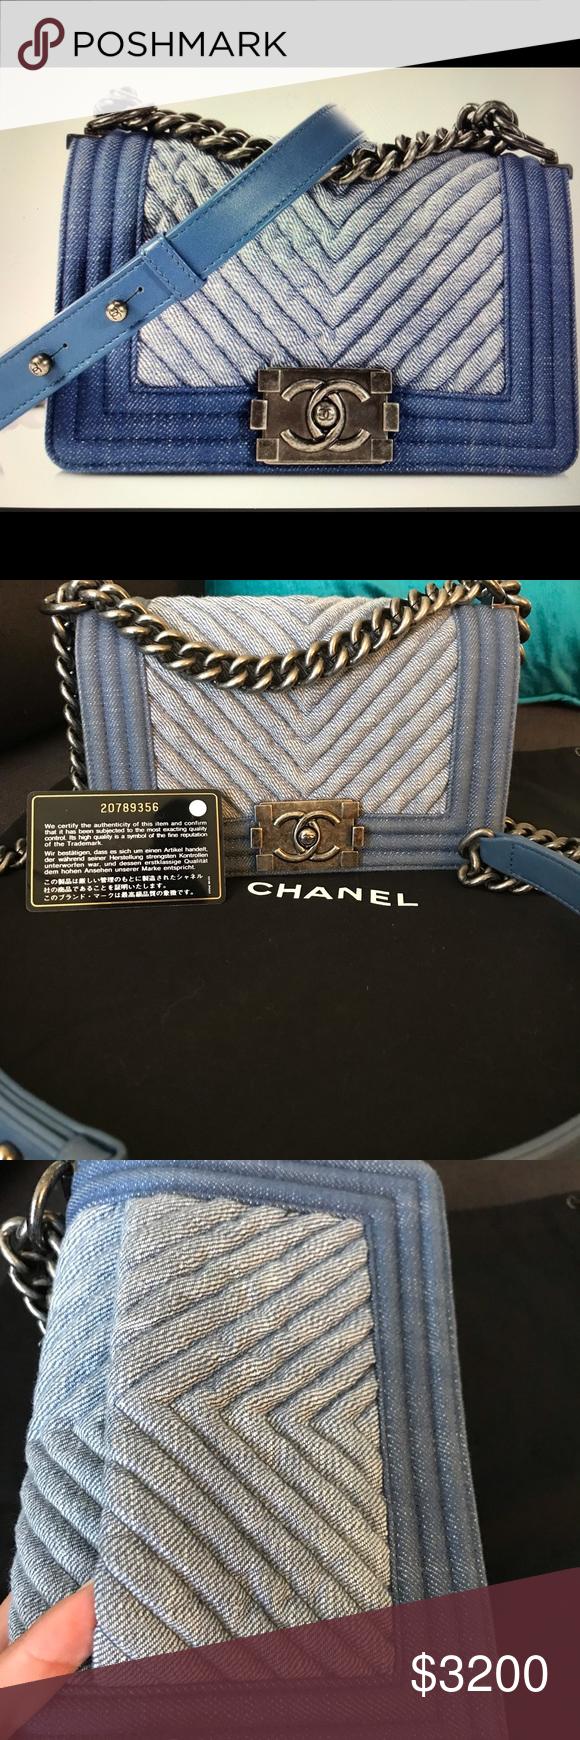 669cf261dd44e3 Authentic Chanel denim boy bag Chanel size small two-tone denim chevron Boy  Bag.